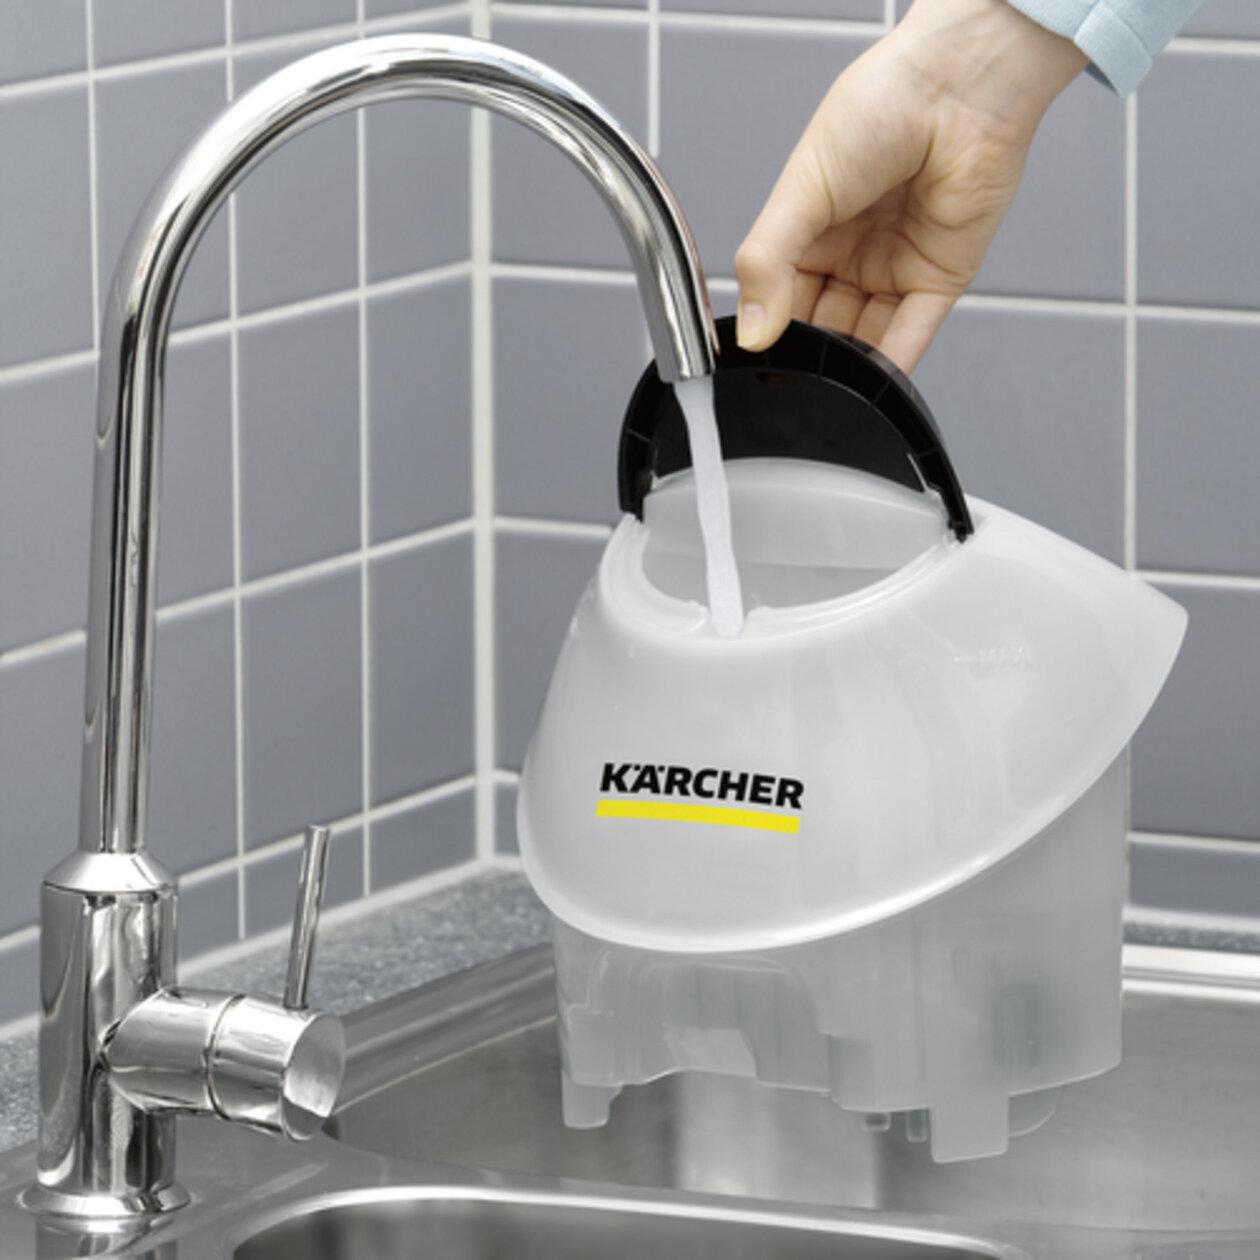 Gőztisztító SC 5 EasyFix Premium (fehér): Folyamatosan újratölthető, levehető víztartály